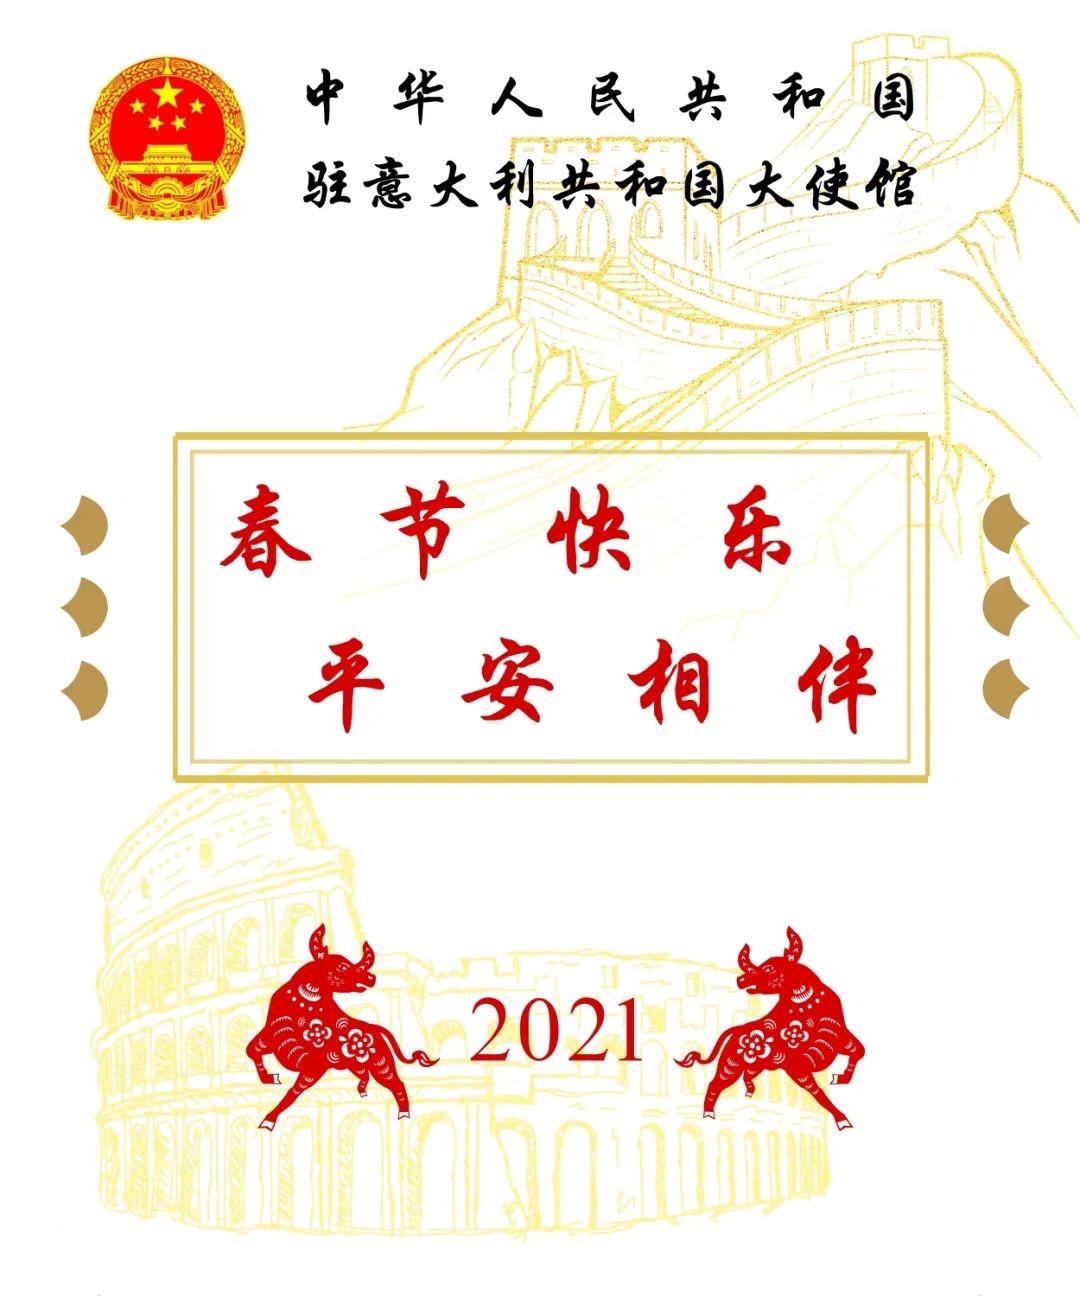 驻意大使馆:提高自我保护意识,过一个平安祥和的新春佳节 意国综合 第1张